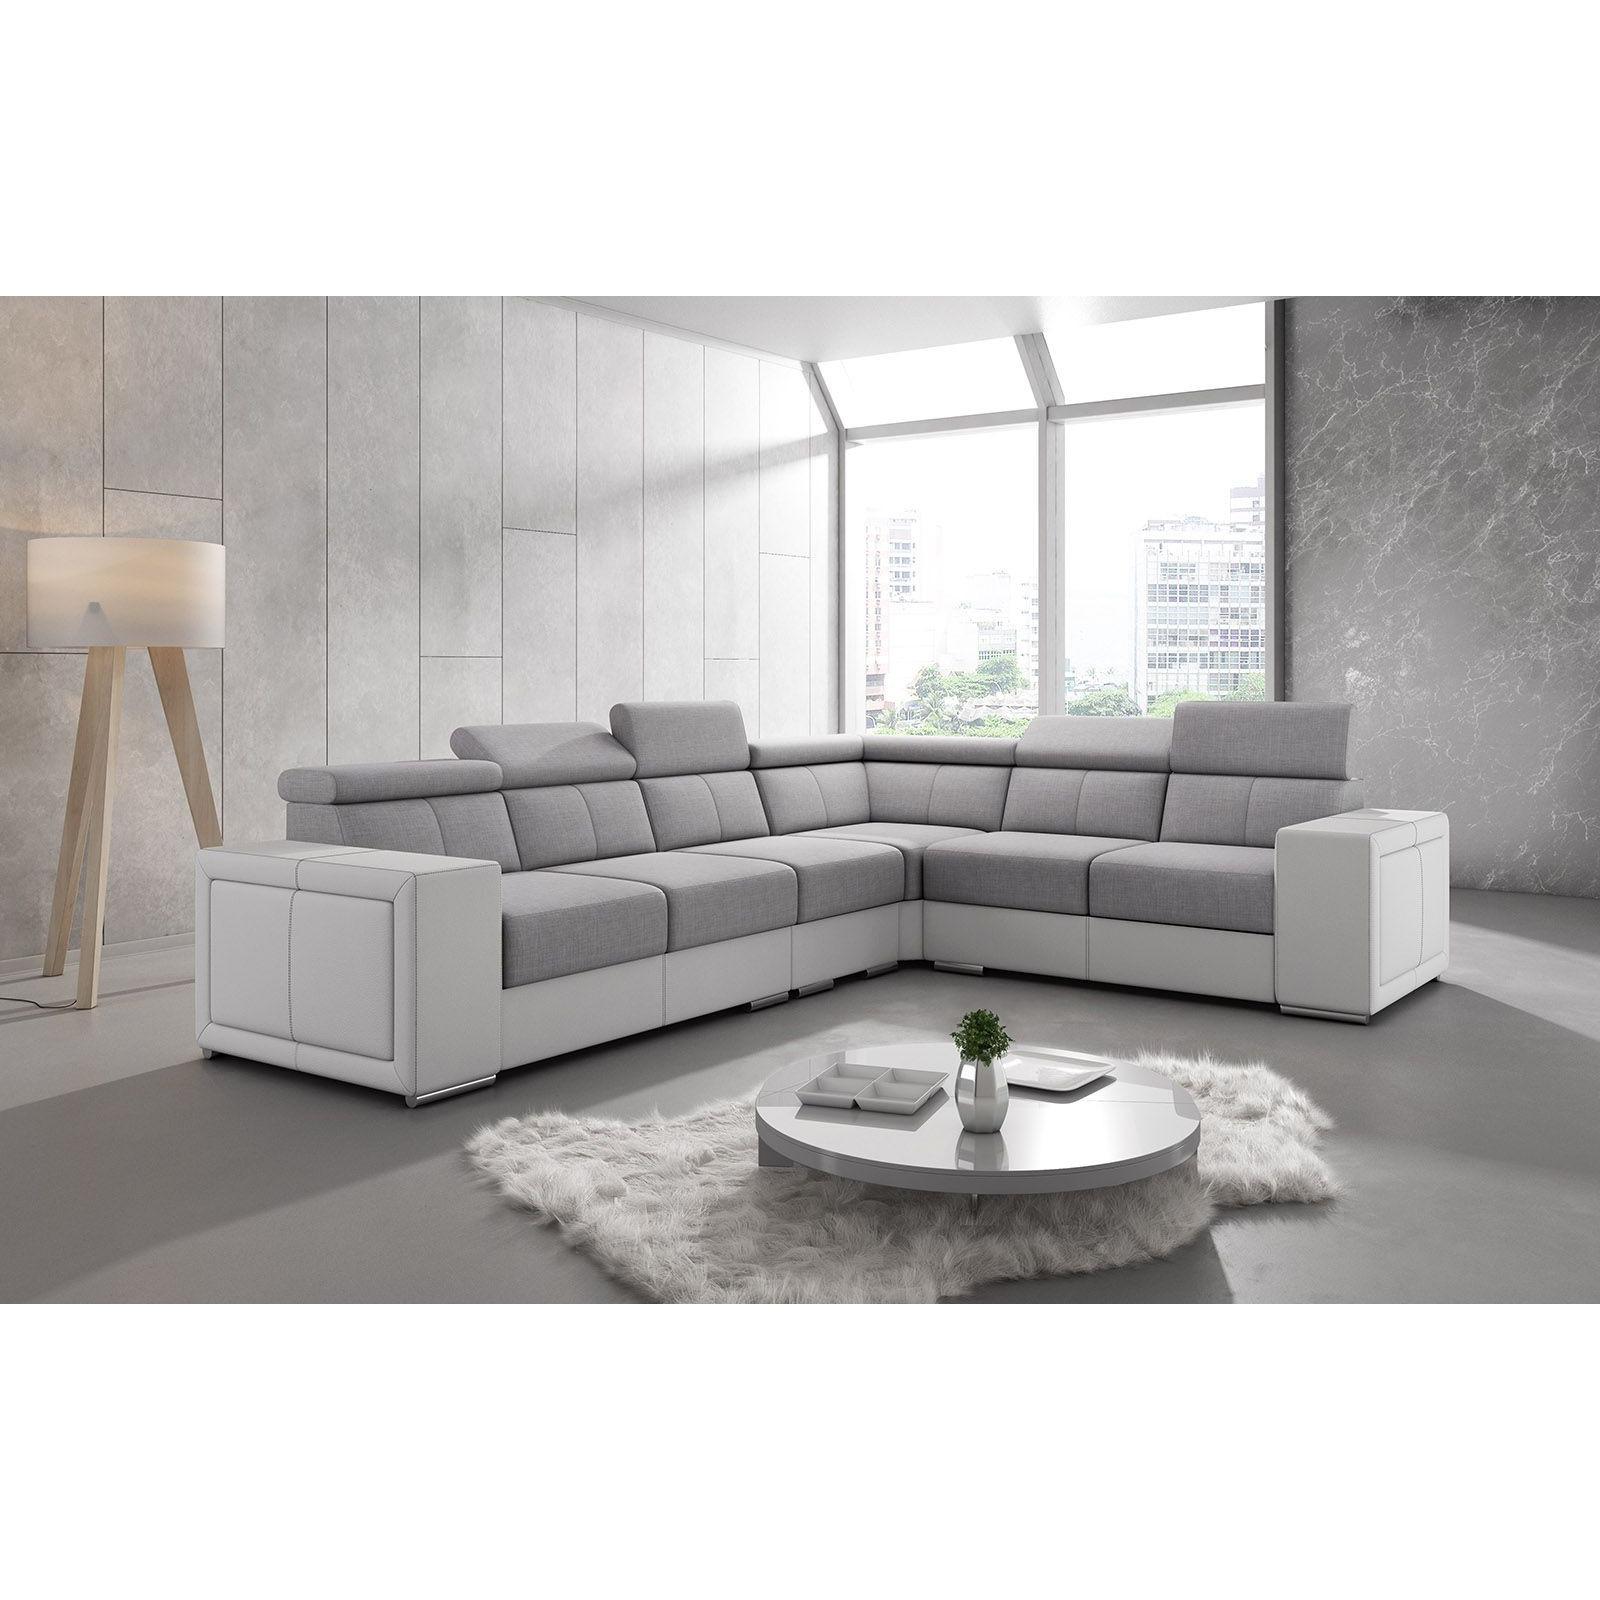 Salon Canapé d'angle réversible moderne en tissu gris